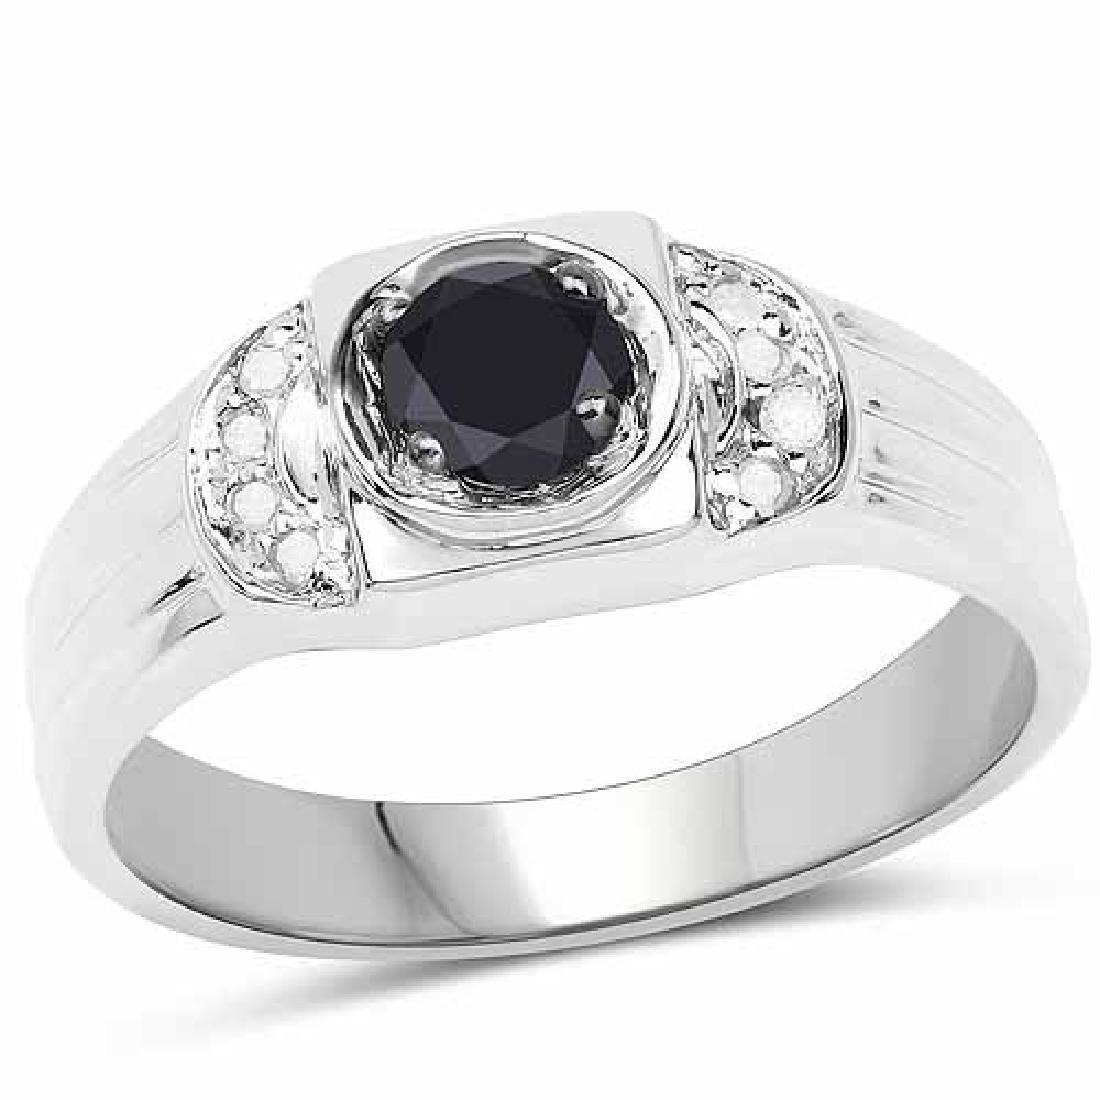 0.39 Carat Genuine Black Diamond and White Diamond .925